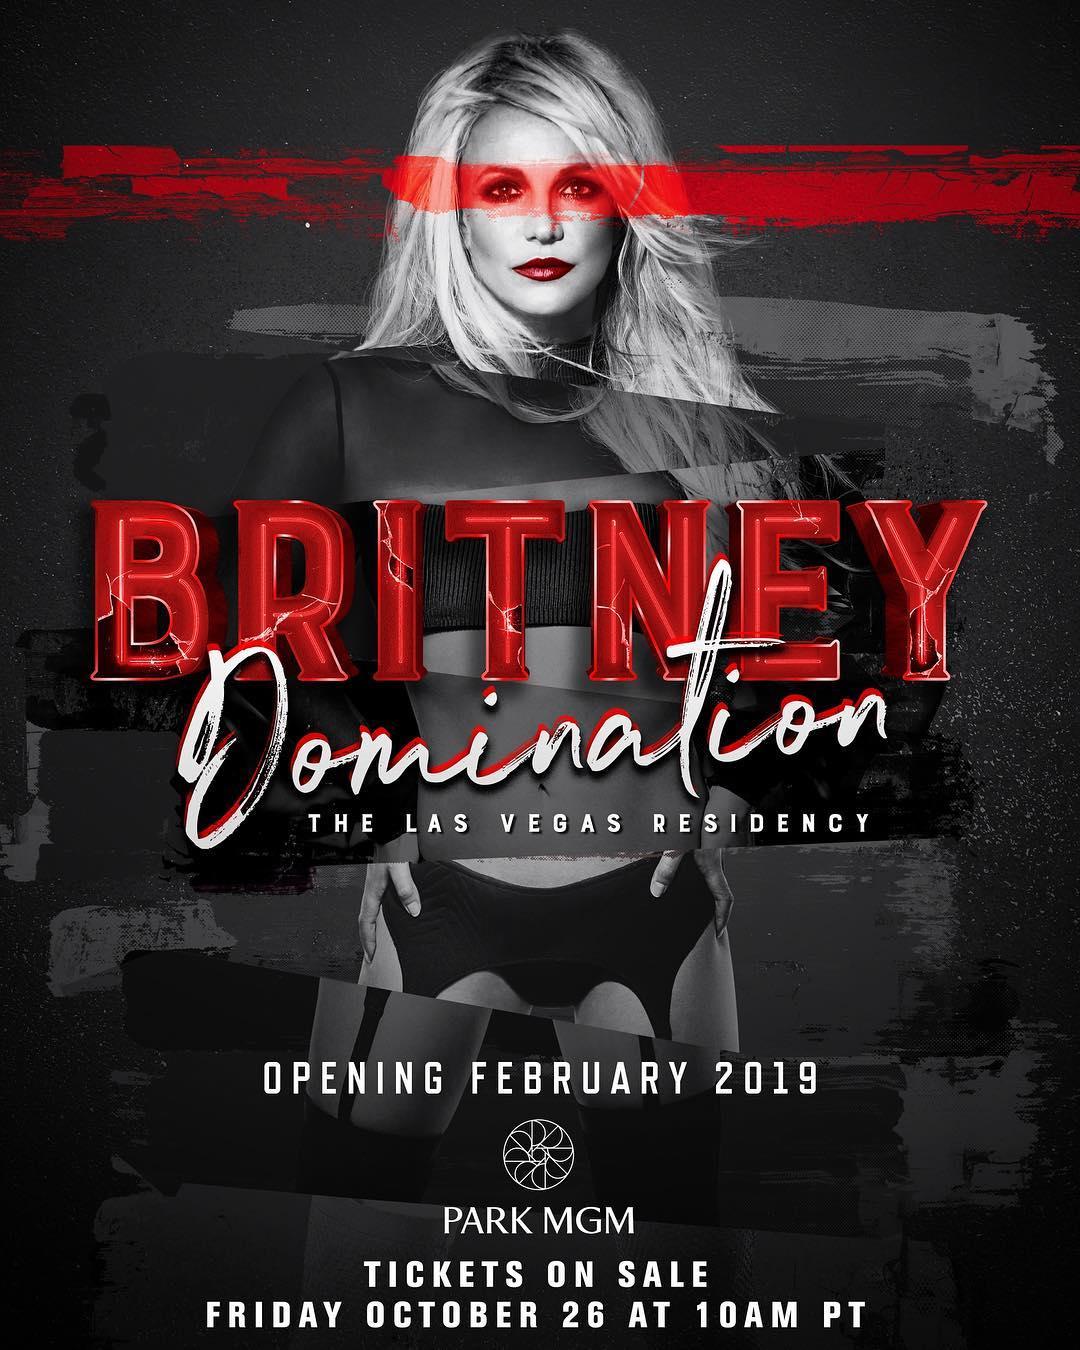 Бритни Спирс объявила о новом концерте 1